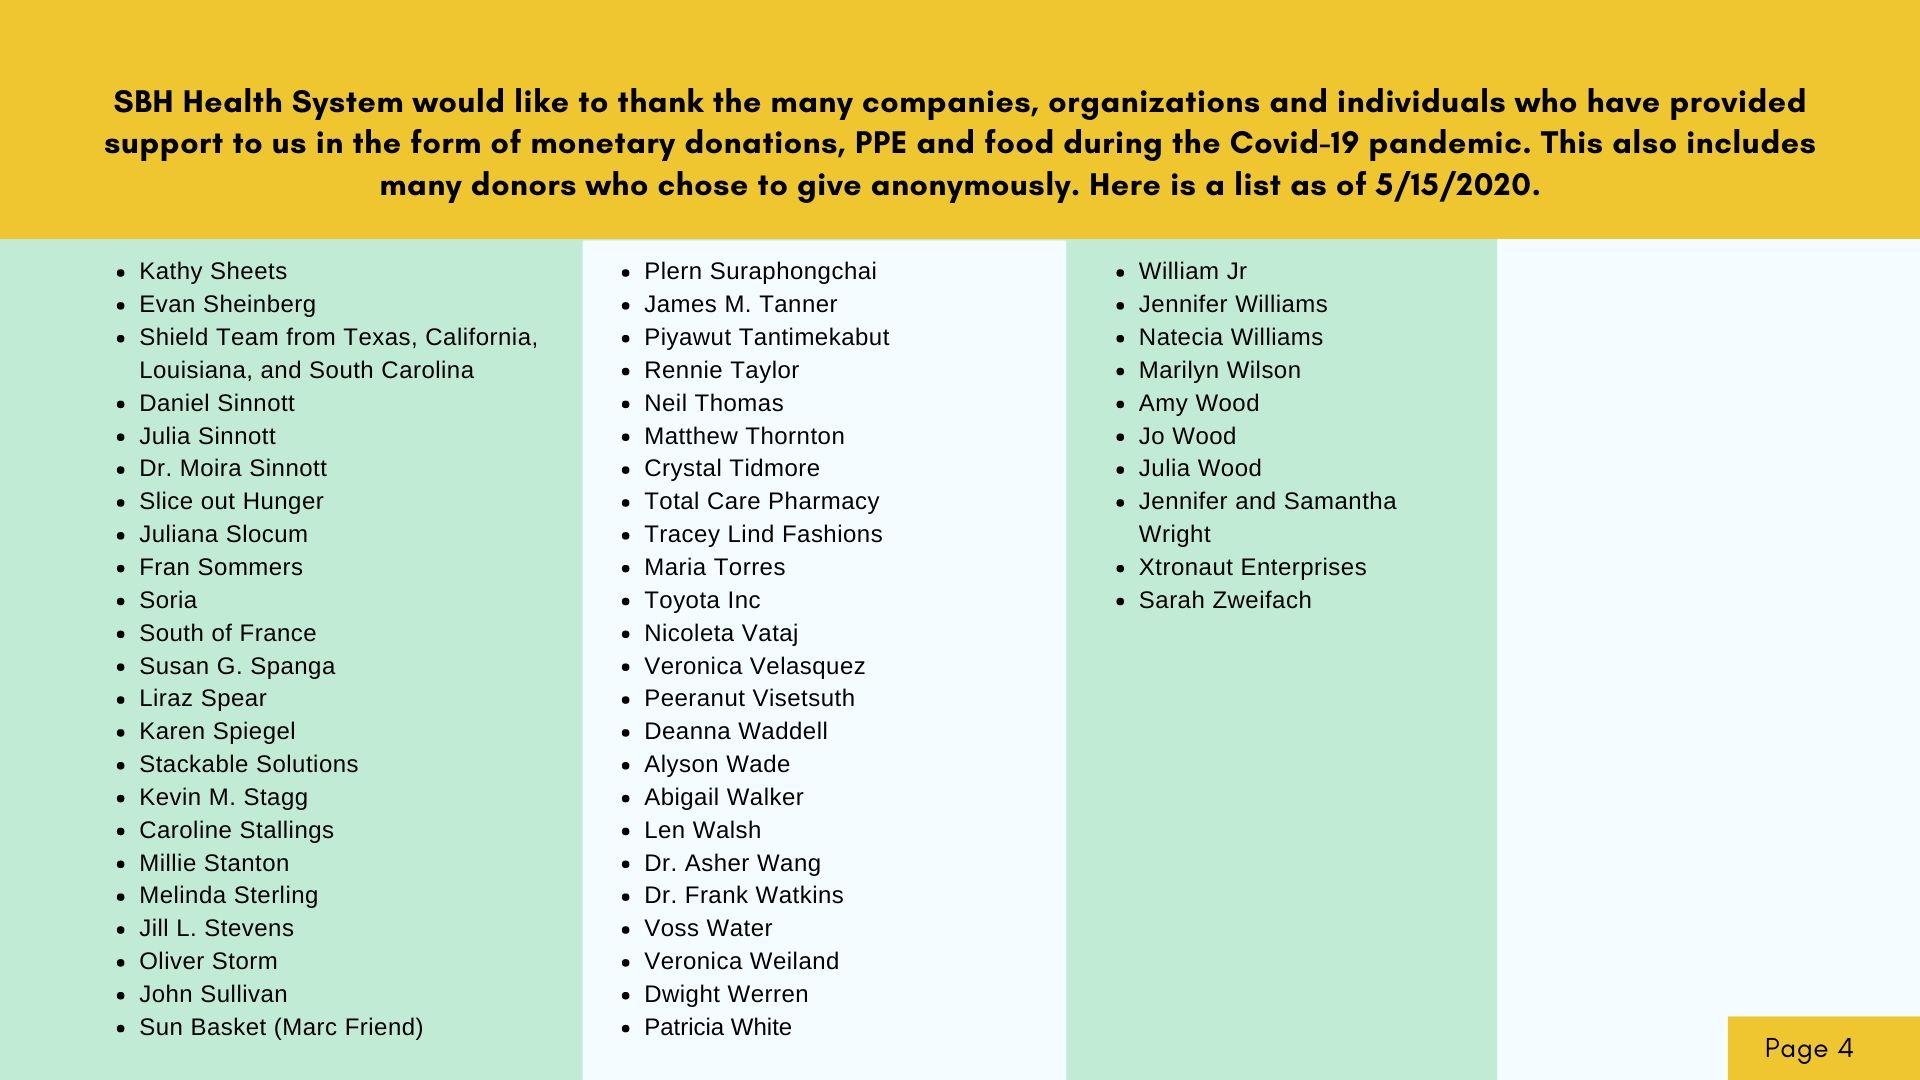 Image of donors to coronavirus effort